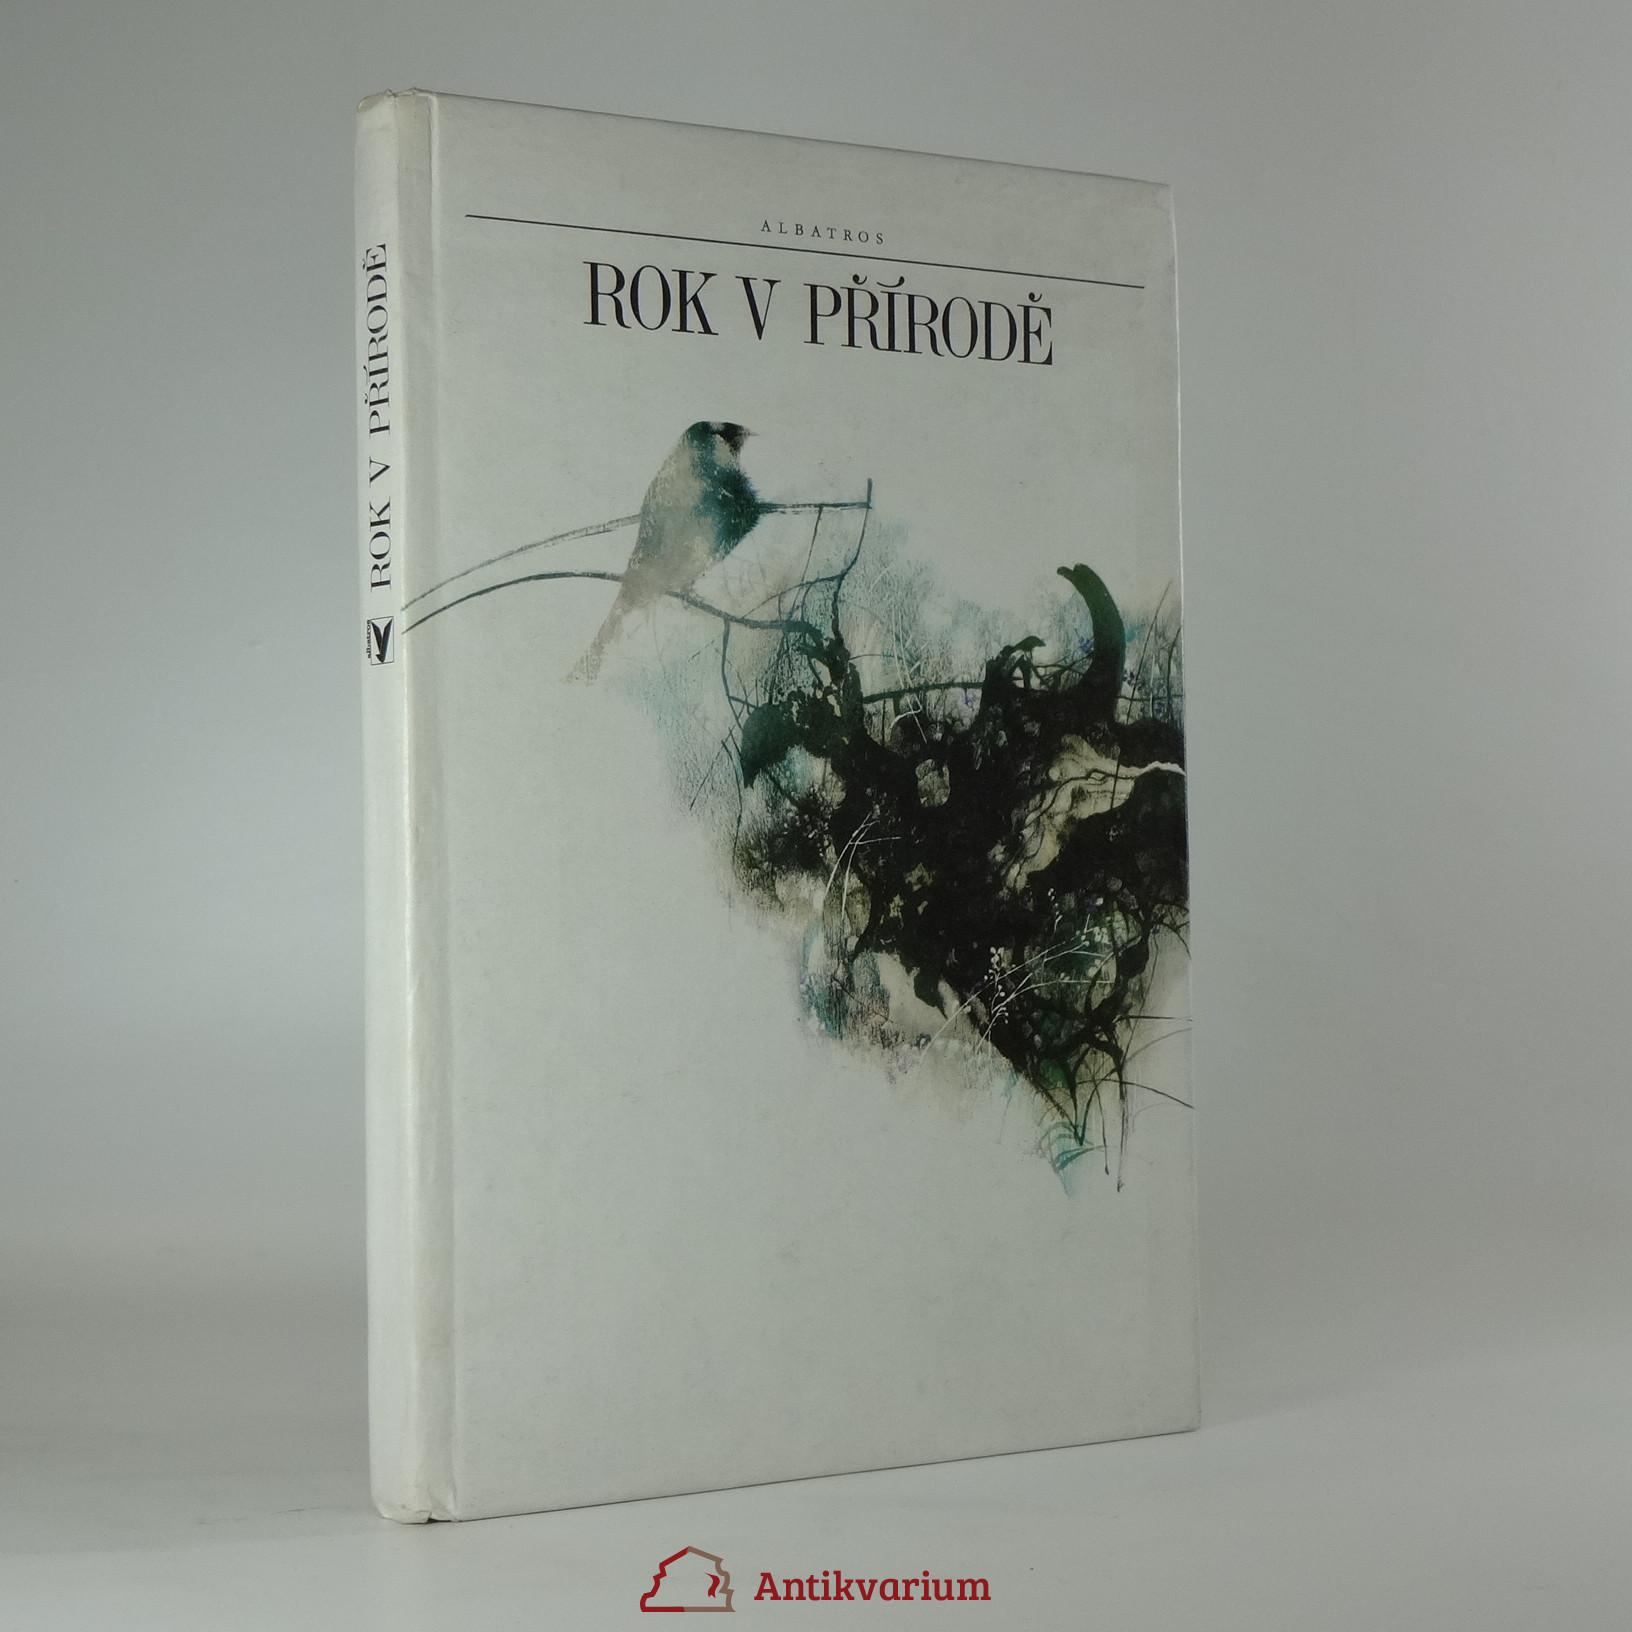 antikvární kniha Rok v přírodě, 1978